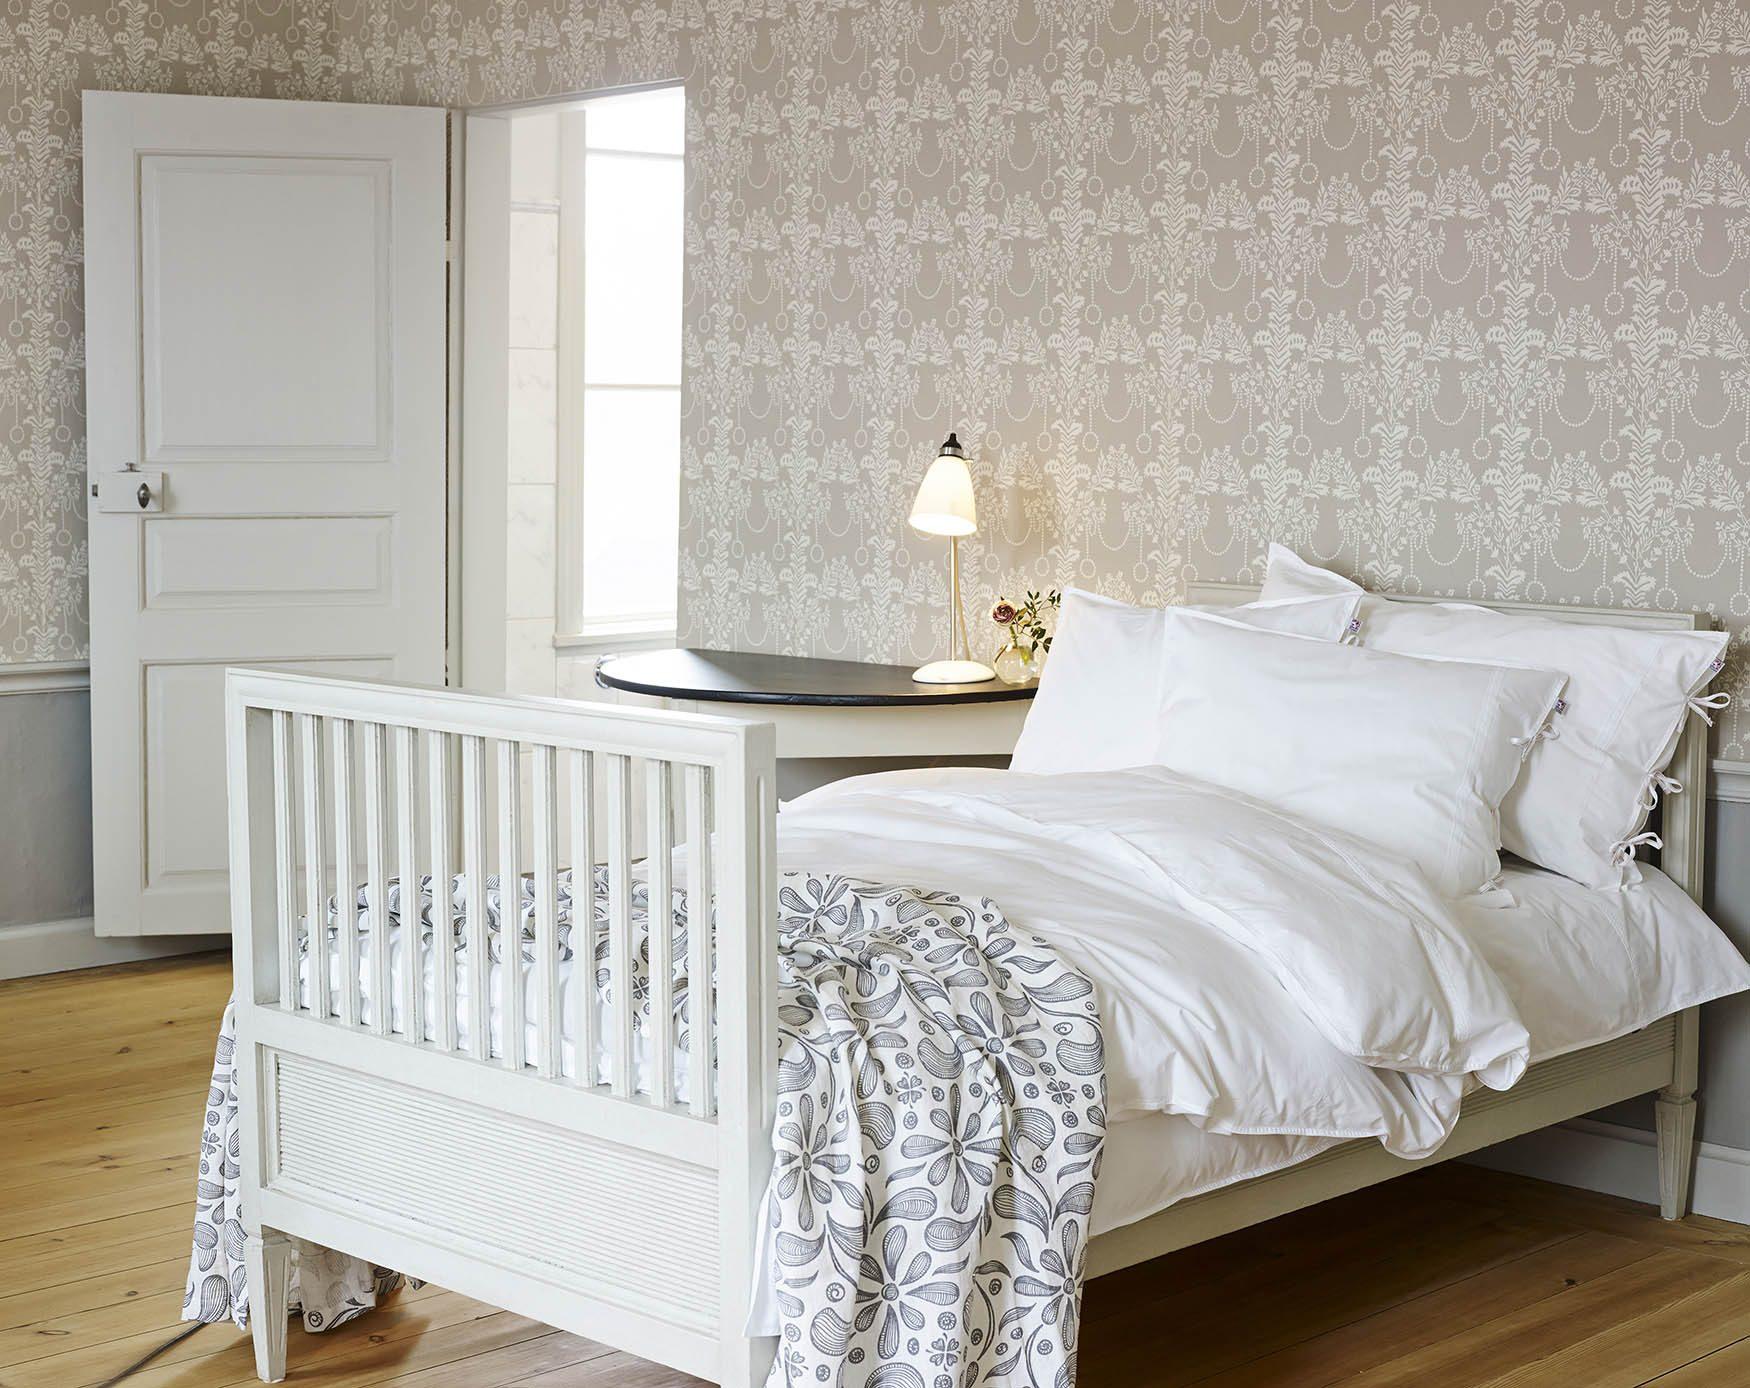 Miljöbild på sängkläder från Shyness.